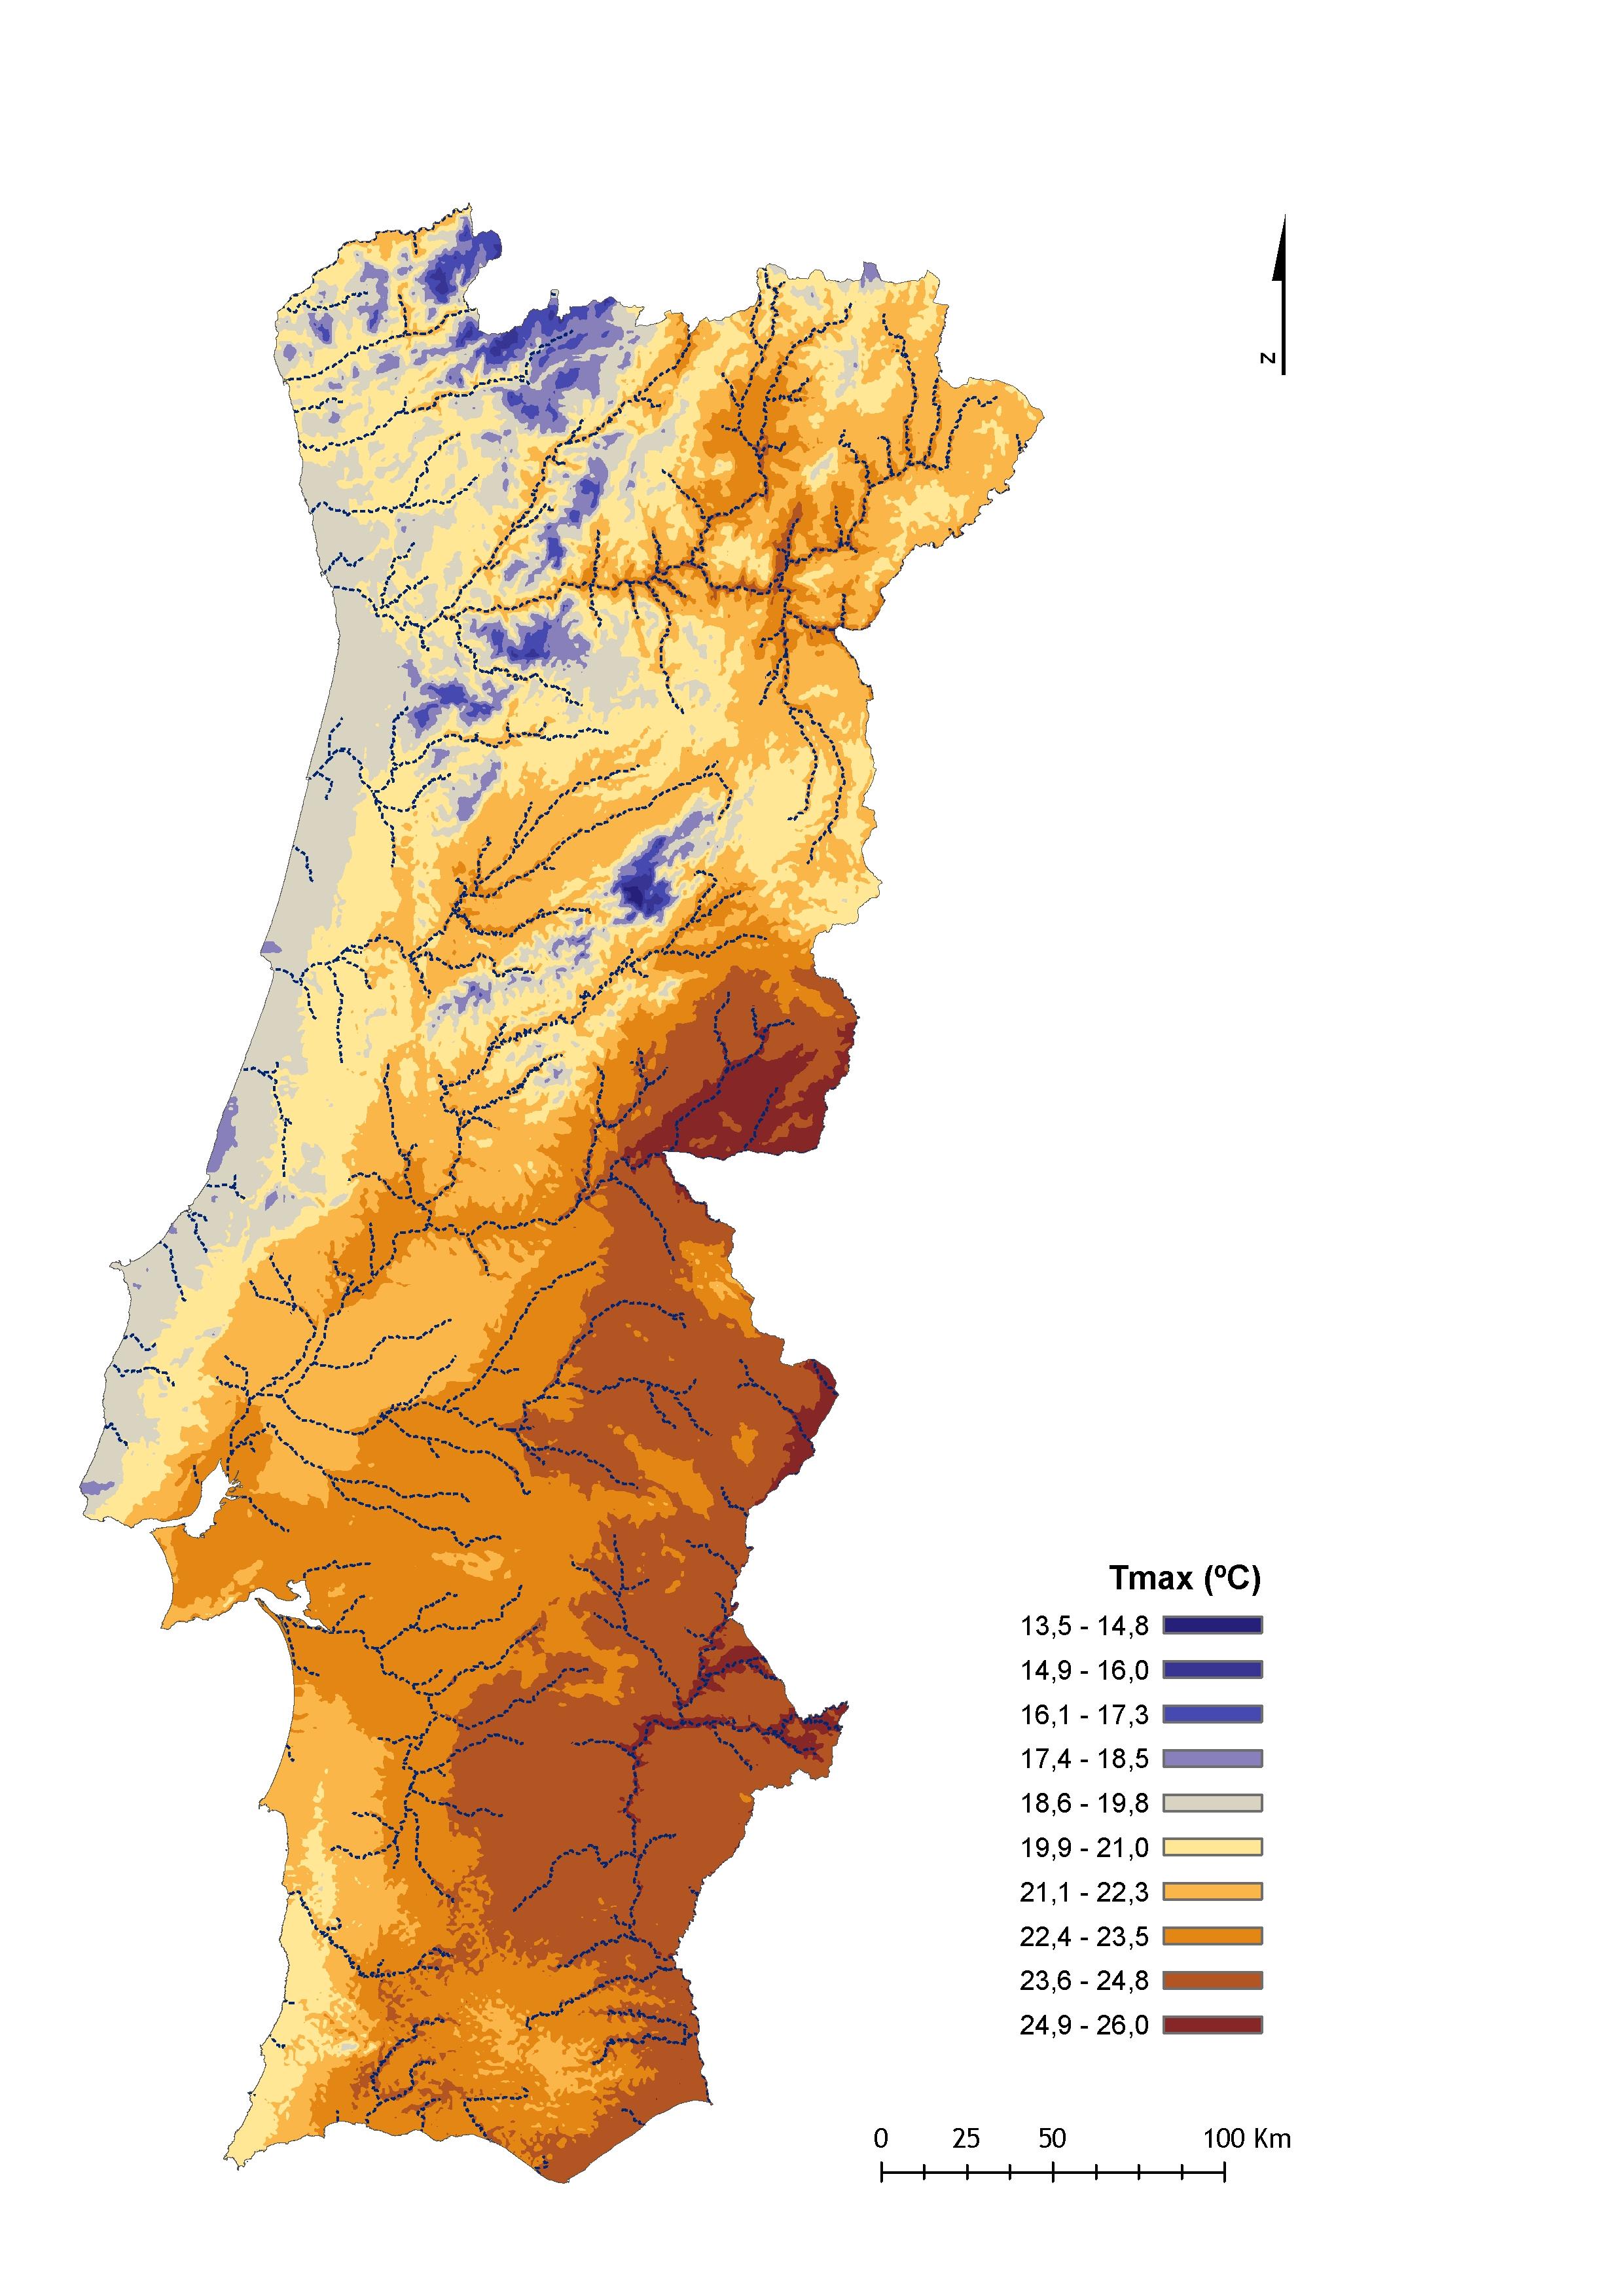 mapa de portugal 2005 Informação bioclimatológica mapa de portugal 2005